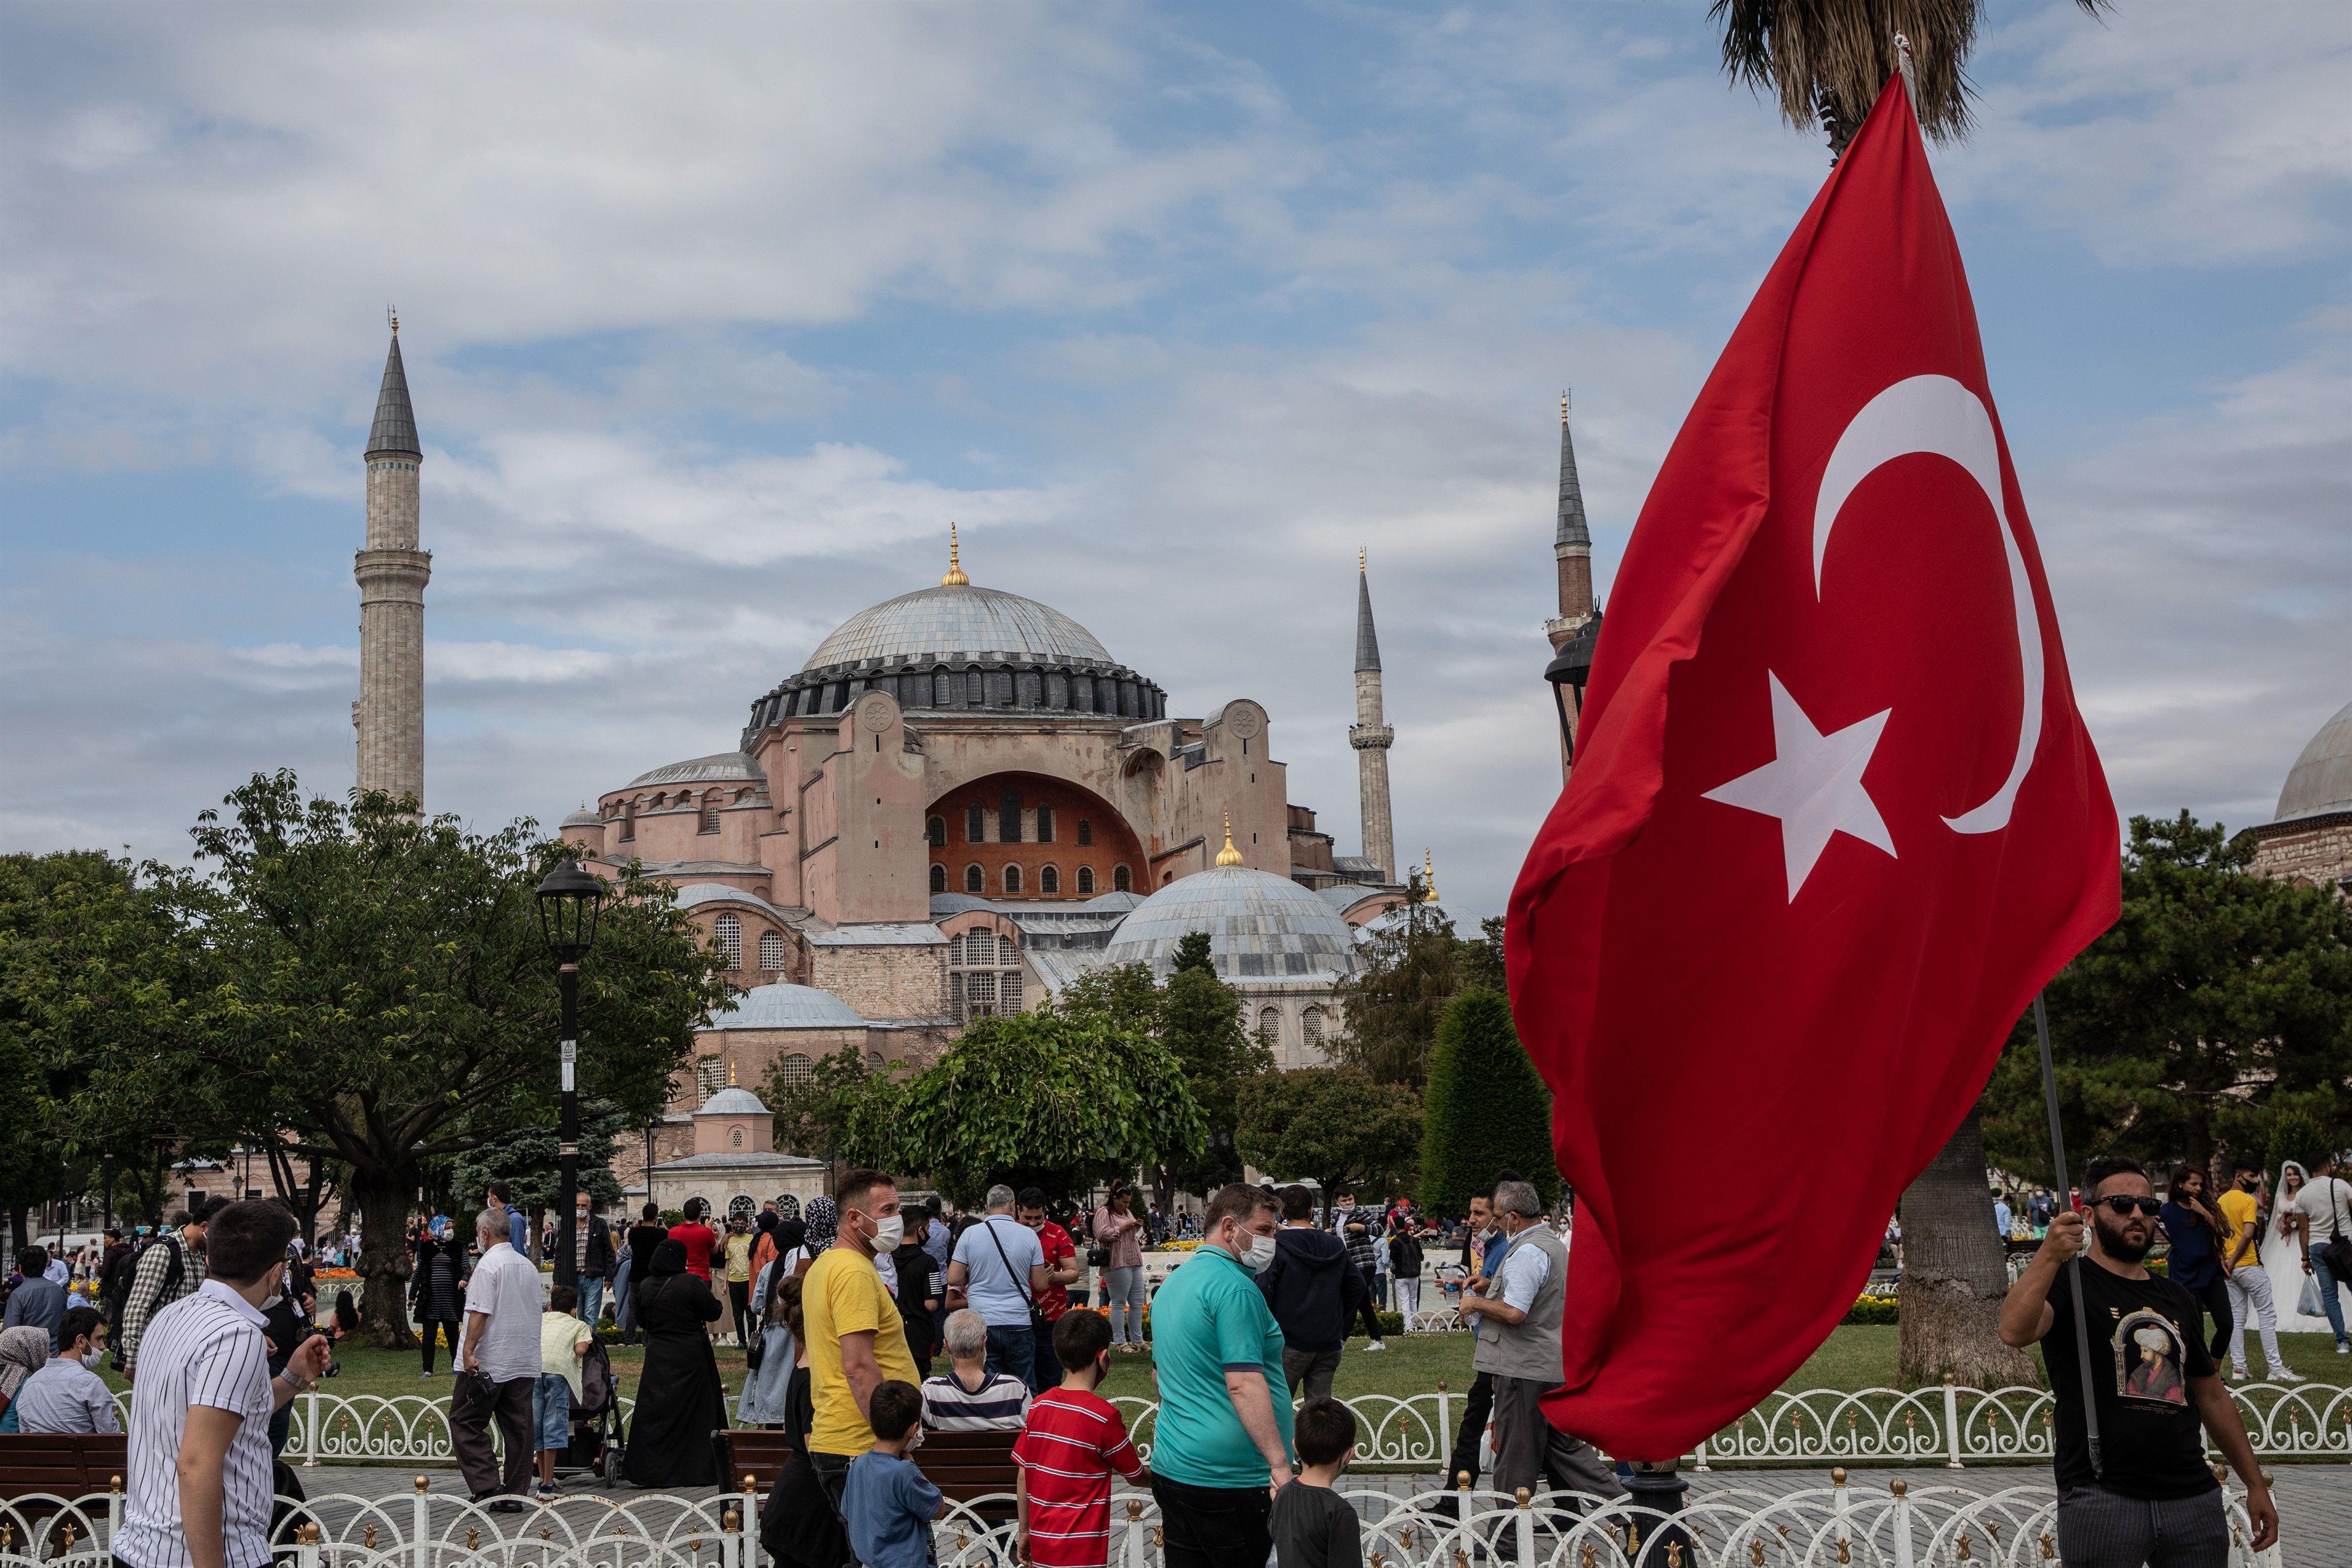 15/07/2020 Un hombre agita la bandera nacional de Turquía frente a la Mezquita de Santa Sofía en el cuarto aniversario del fallido intento de golpe del 15 de julio de 2016. POLITICA  CHRIS MCGRATH